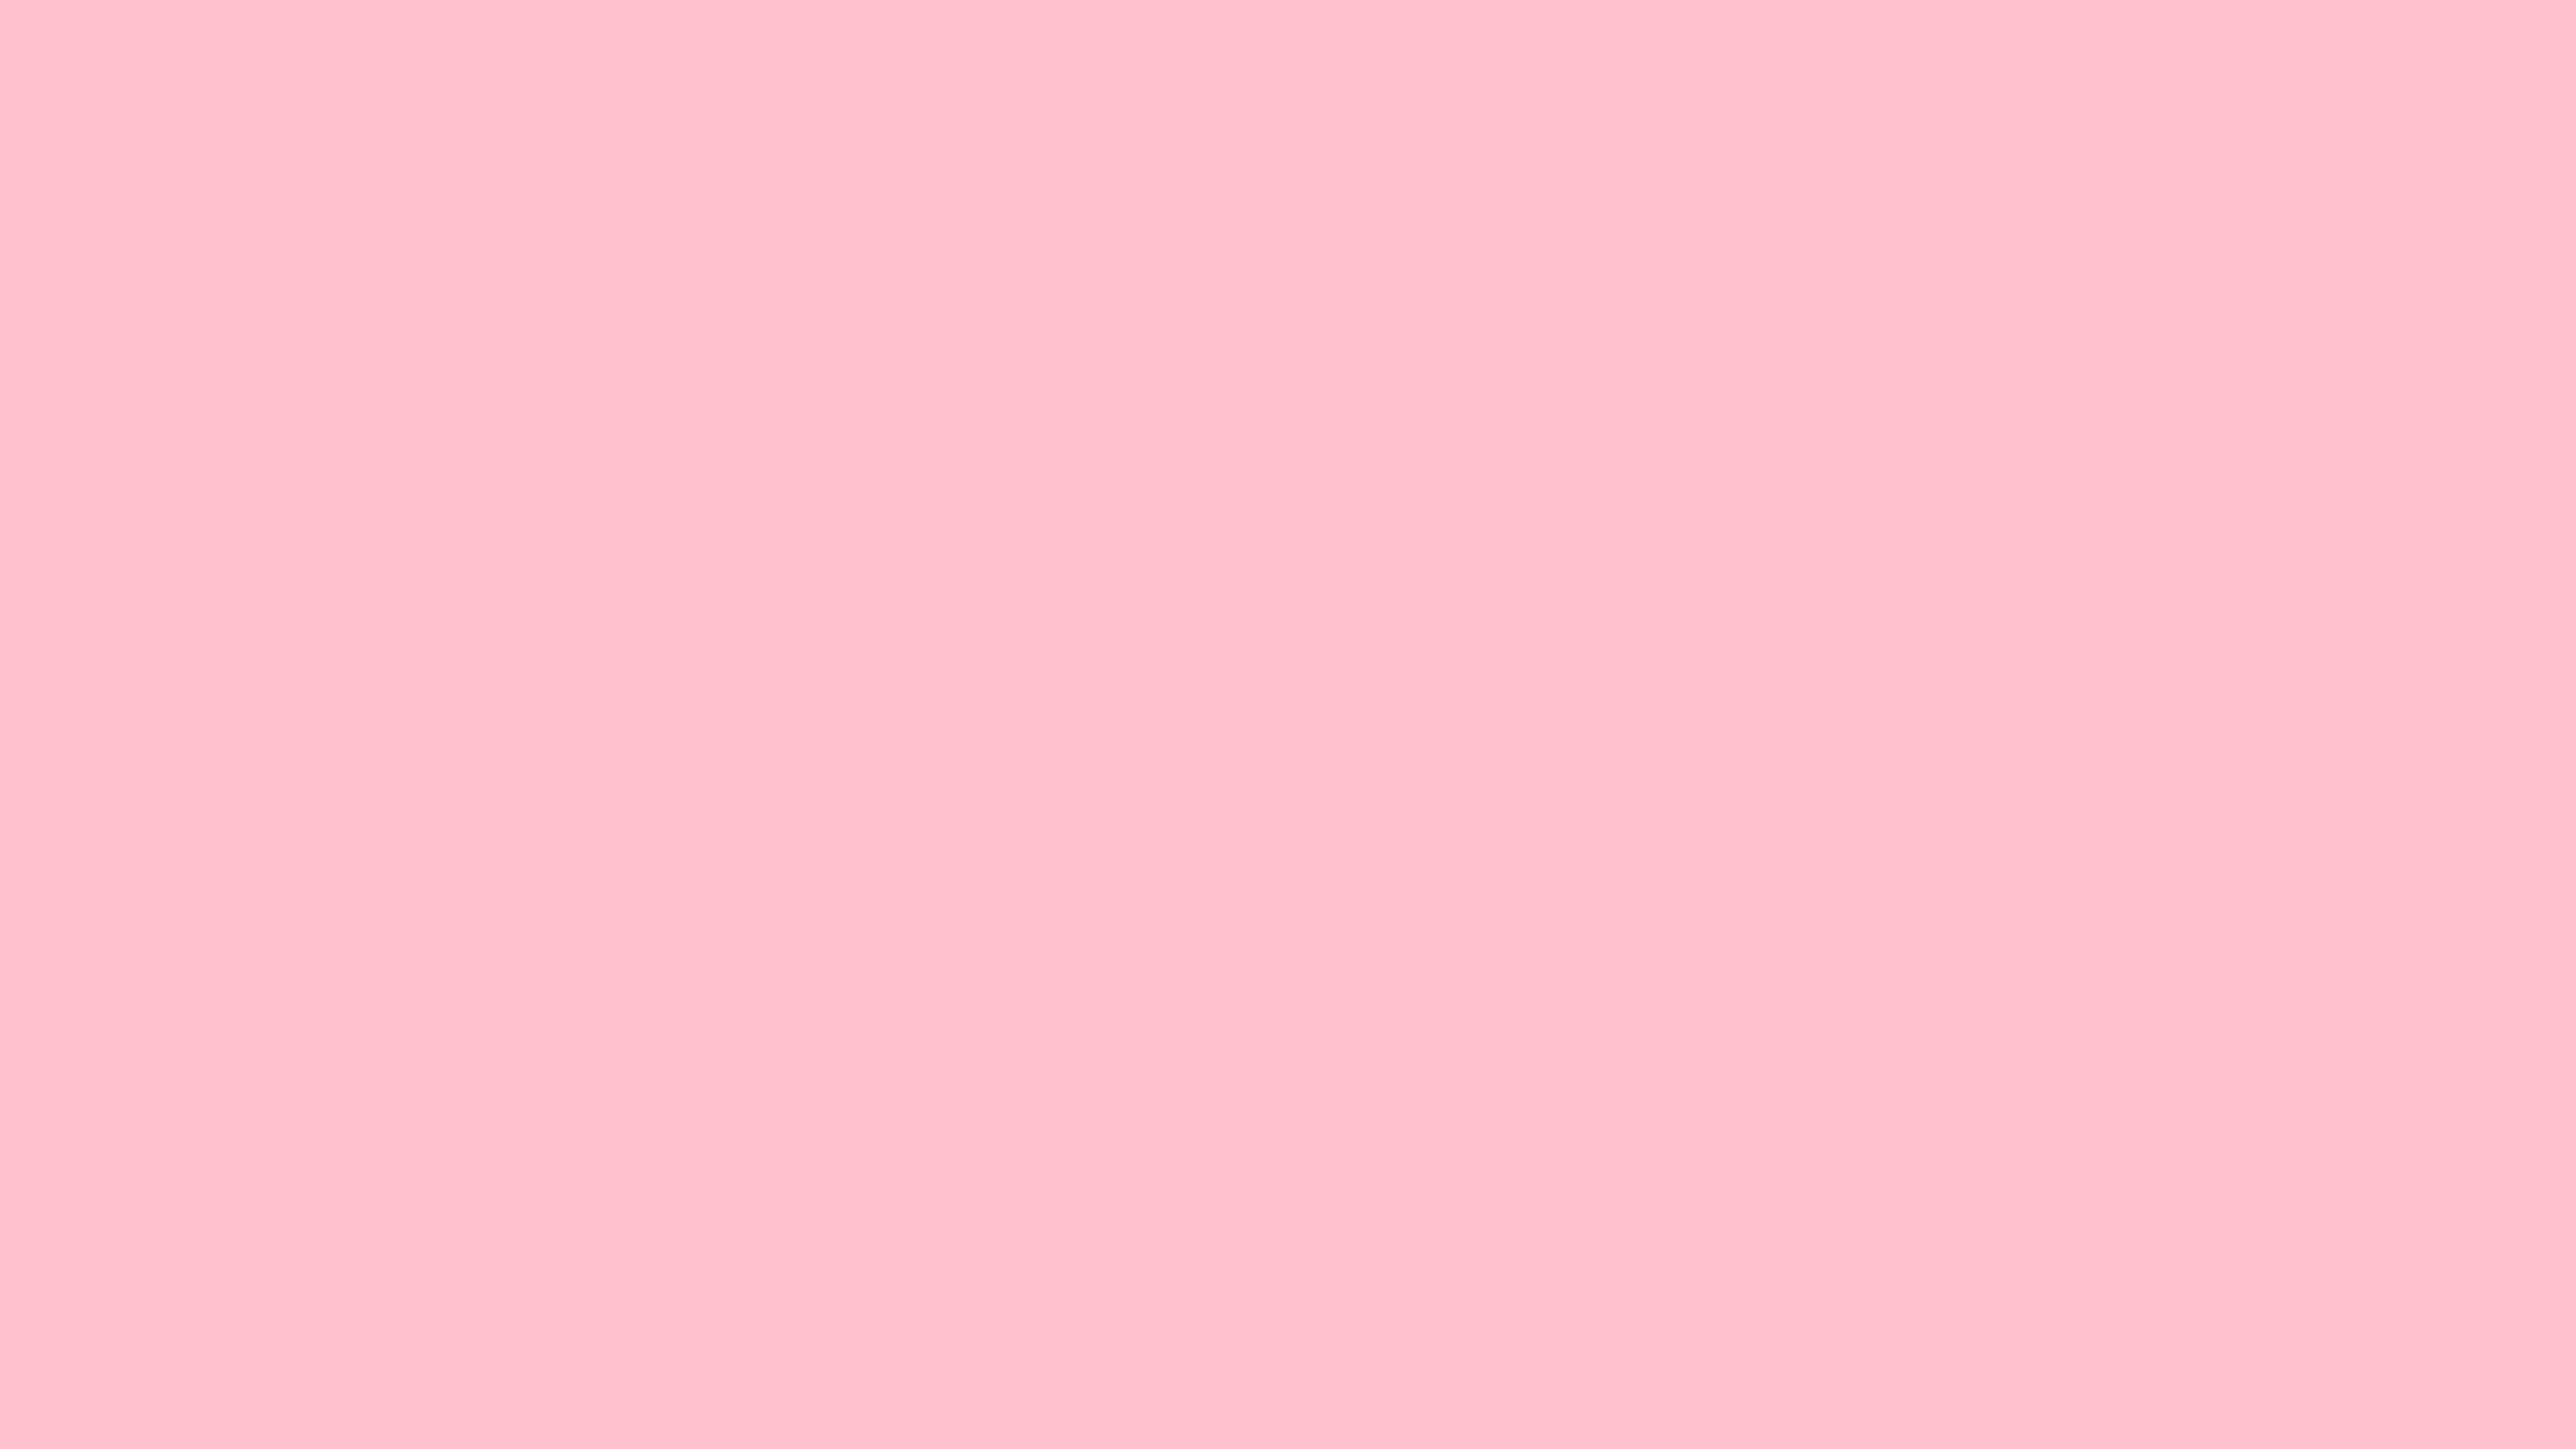 5120x2880 Bubble Gum Solid Color Background